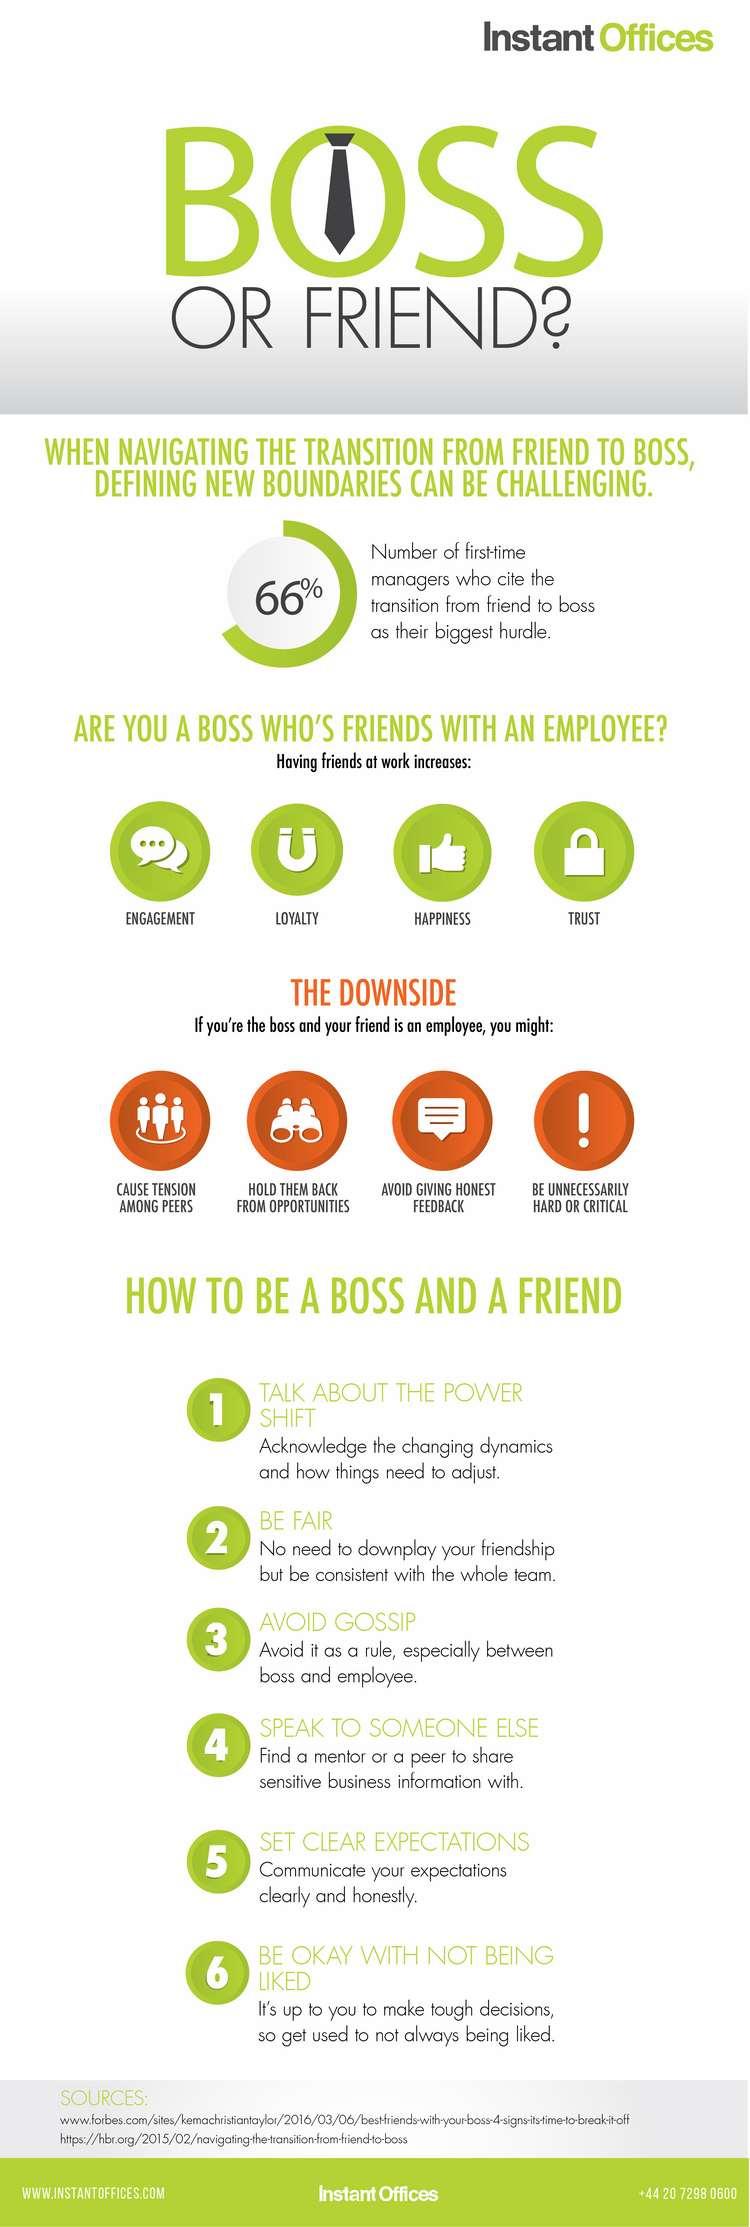 boss-info